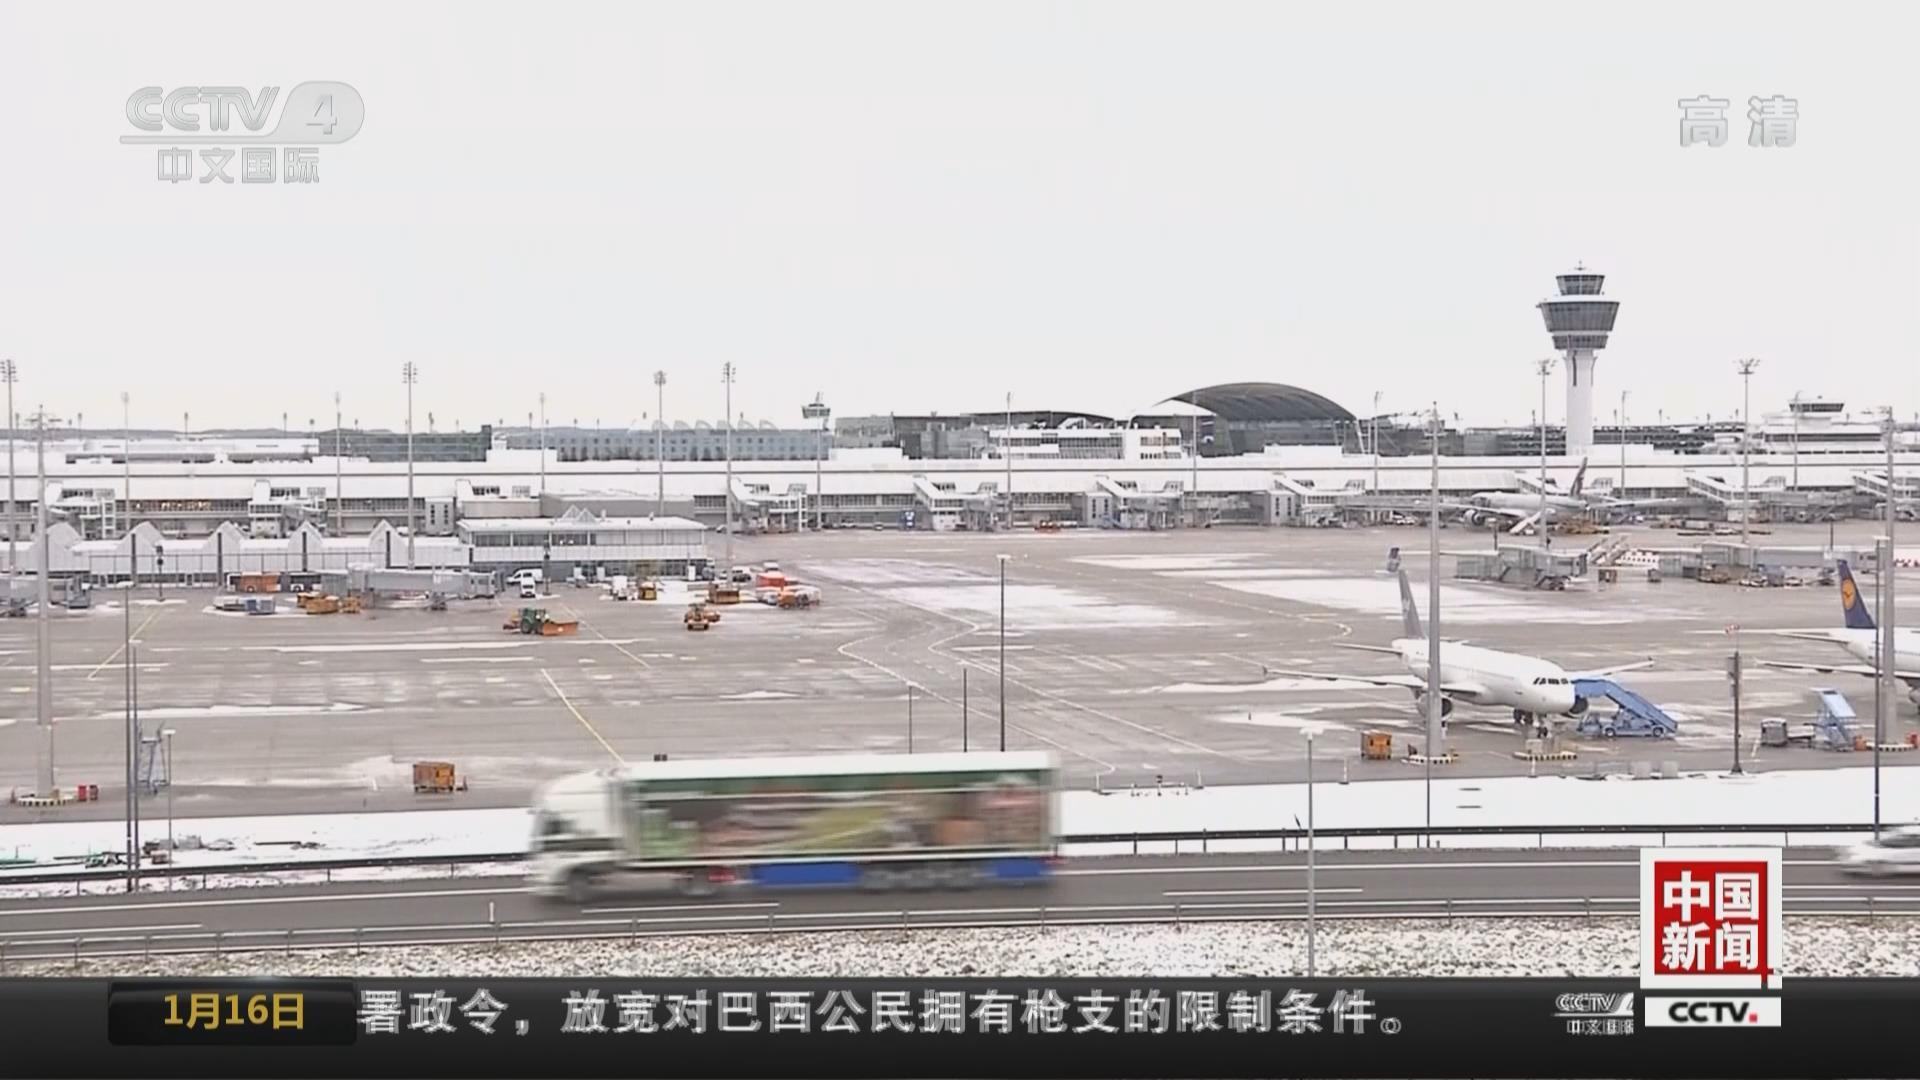 因漲薪談判破裂 德國八大機場罷工:波及22萬名乘客 德最大機場罷工持續18小時